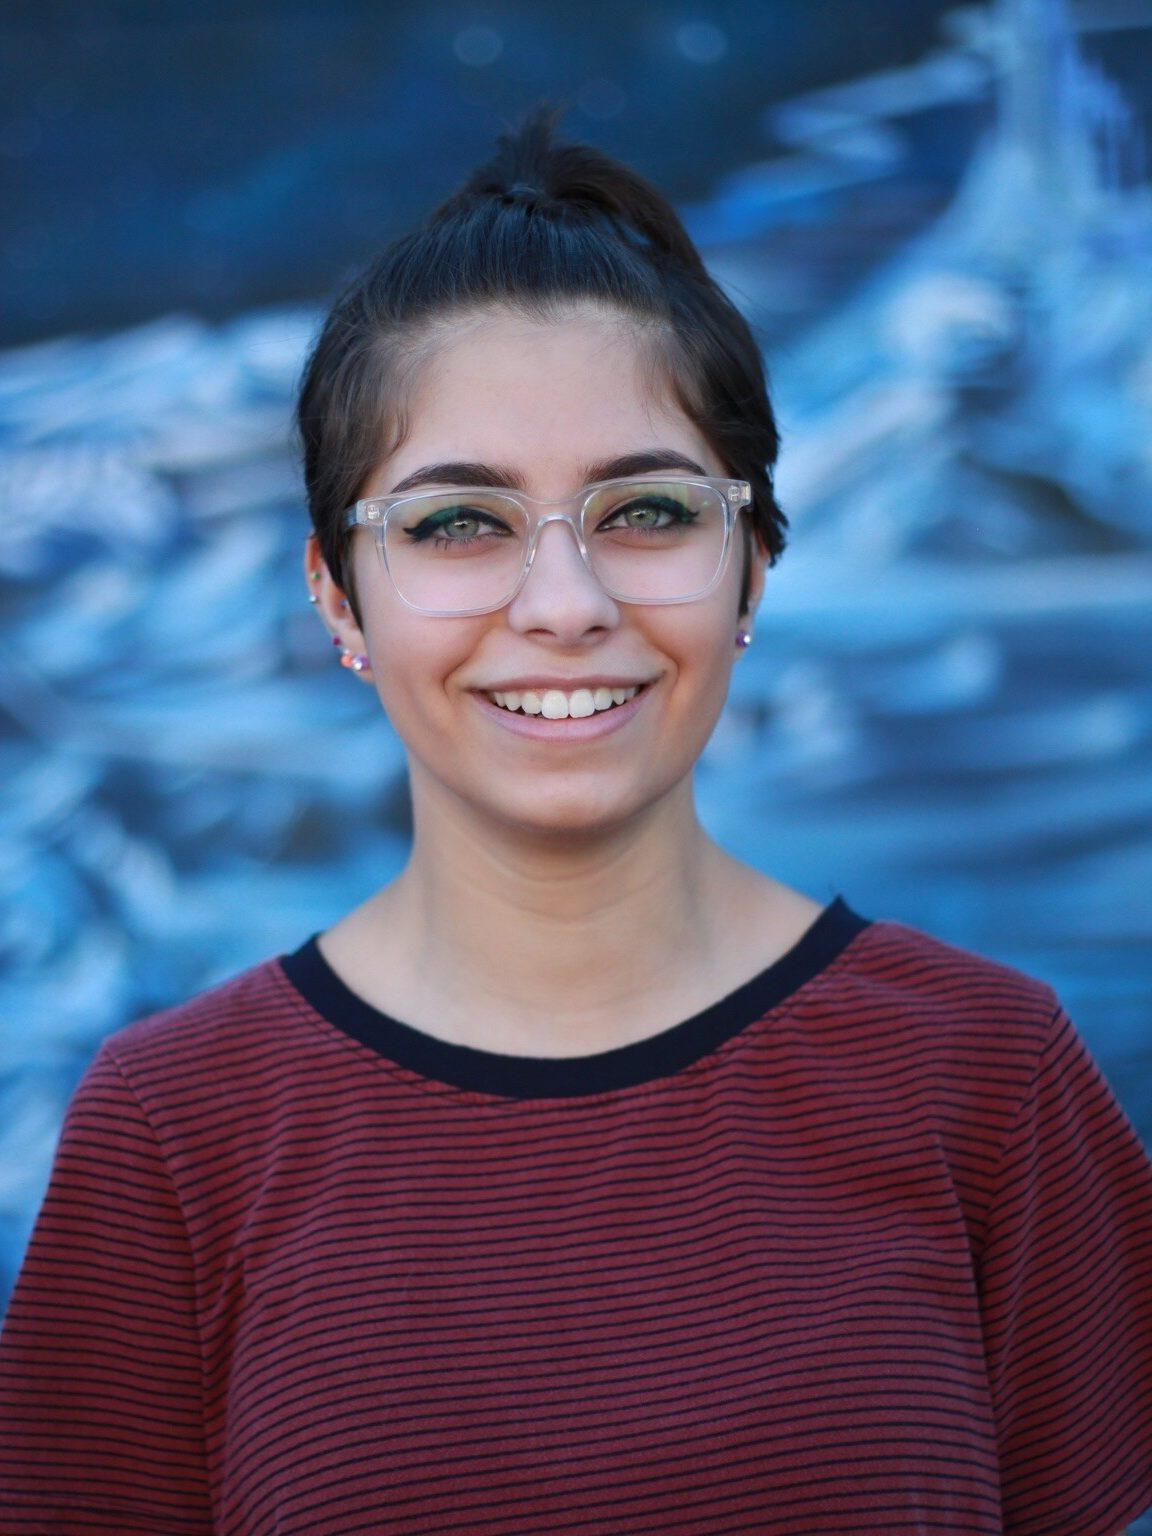 Amirah smiling